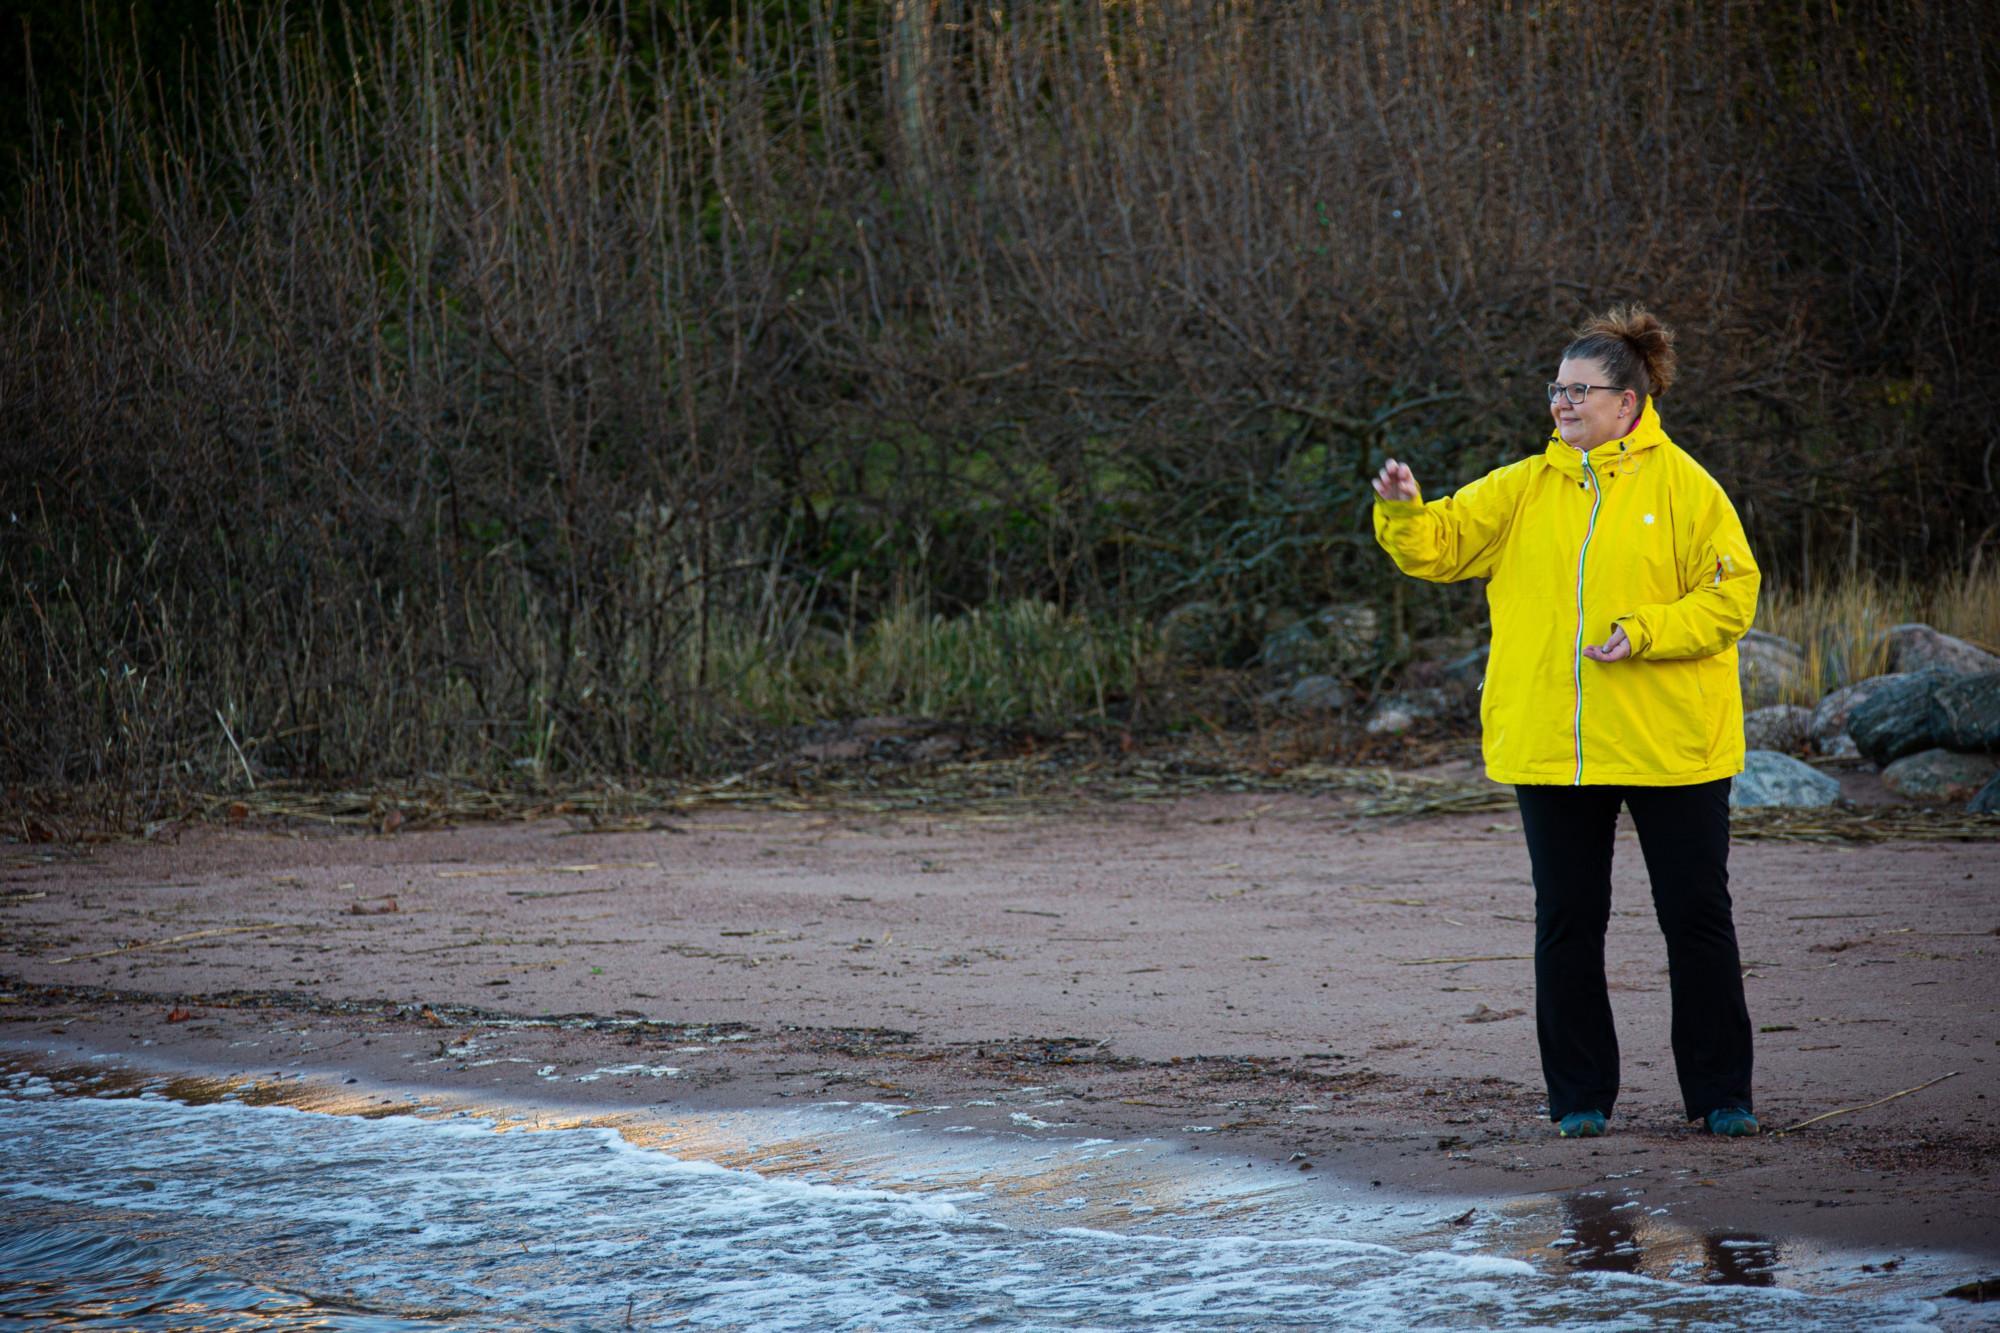 Nainen seisoo rannalla ja heittelee kiviä järveen.